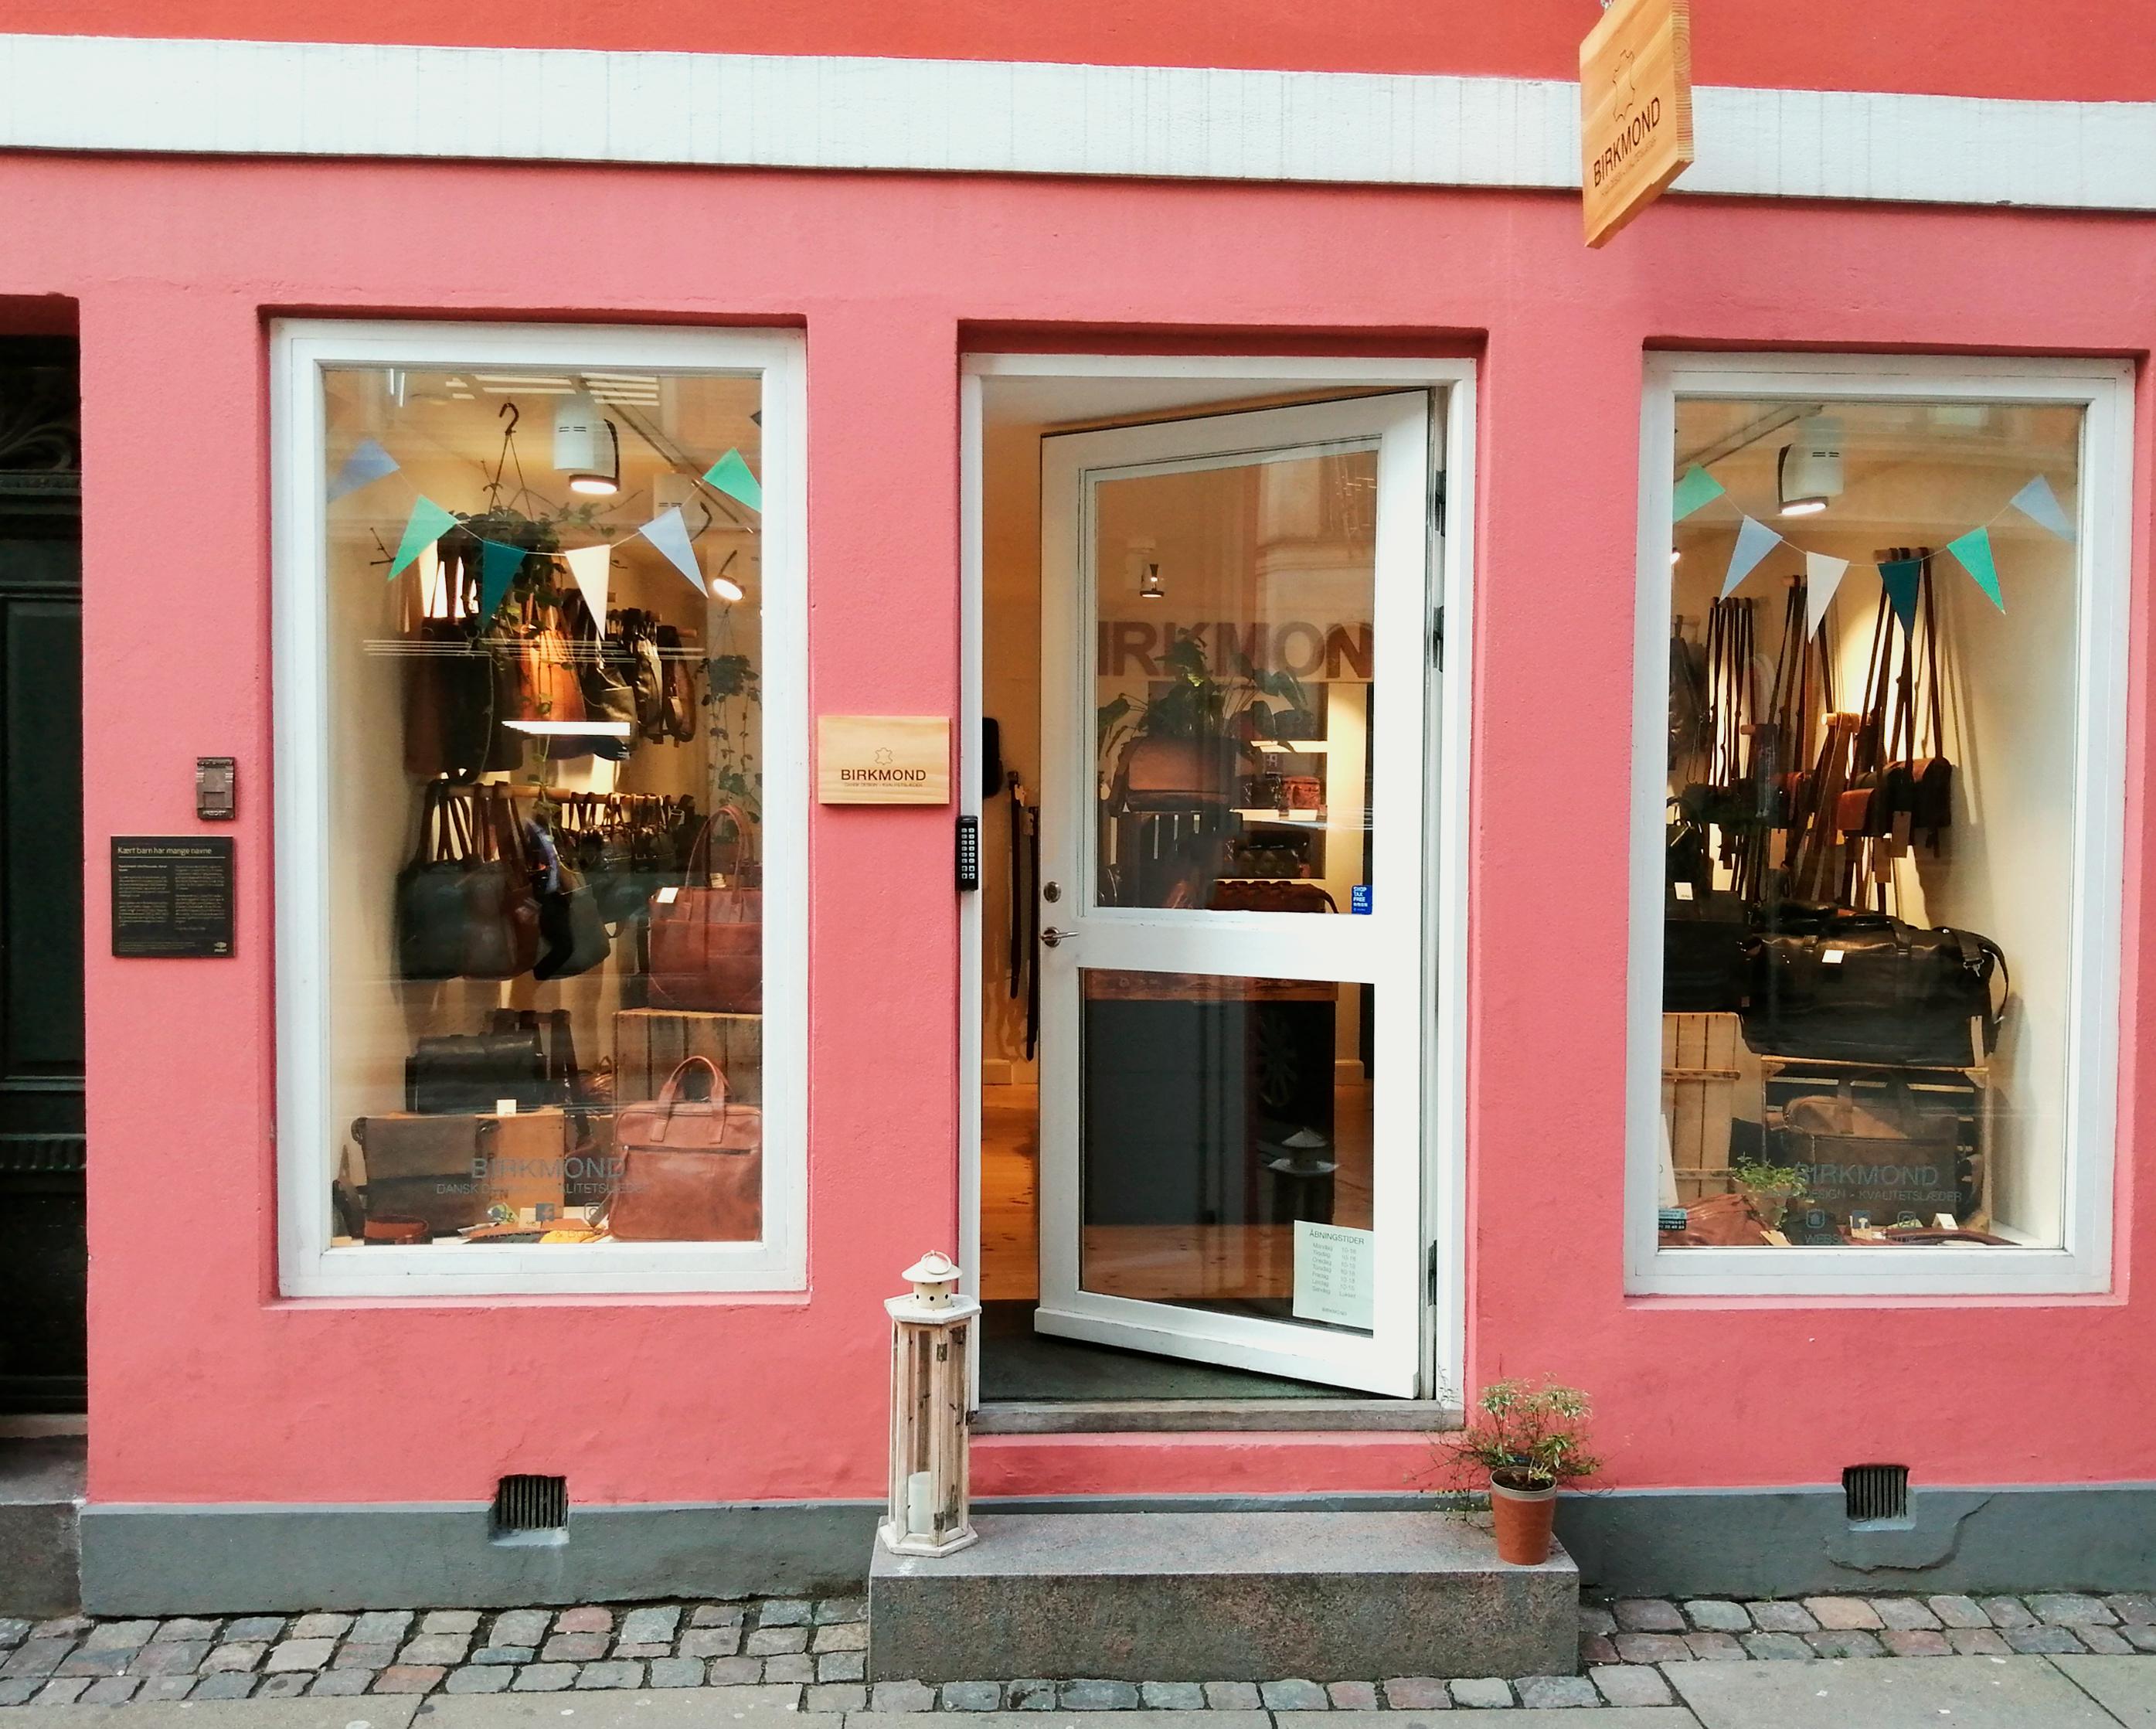 Birkmond København K Taskebutik med smukke stilrene tasker i dansk design Birkmond brandstore med rygsække rejsetasker skuldertasker toilettasker bælter i ægte vegetabilsk garvet læder